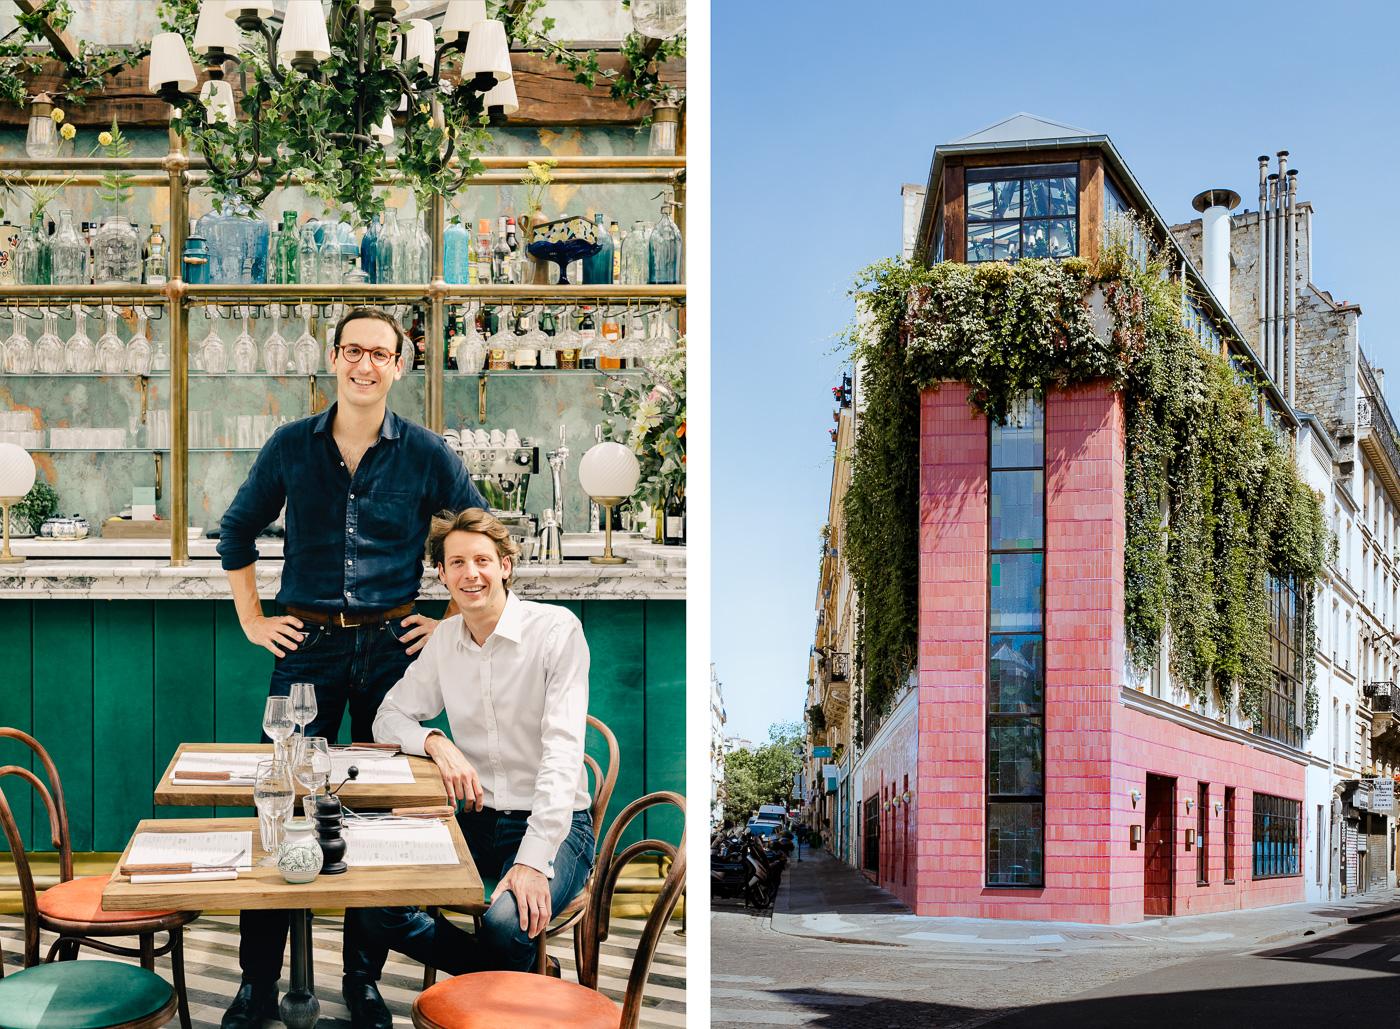 Victor Lugger et Tigrane Seydoux, fondateurs du groupe Big Mamma à gauche et la façade du Pink Mamma à droite